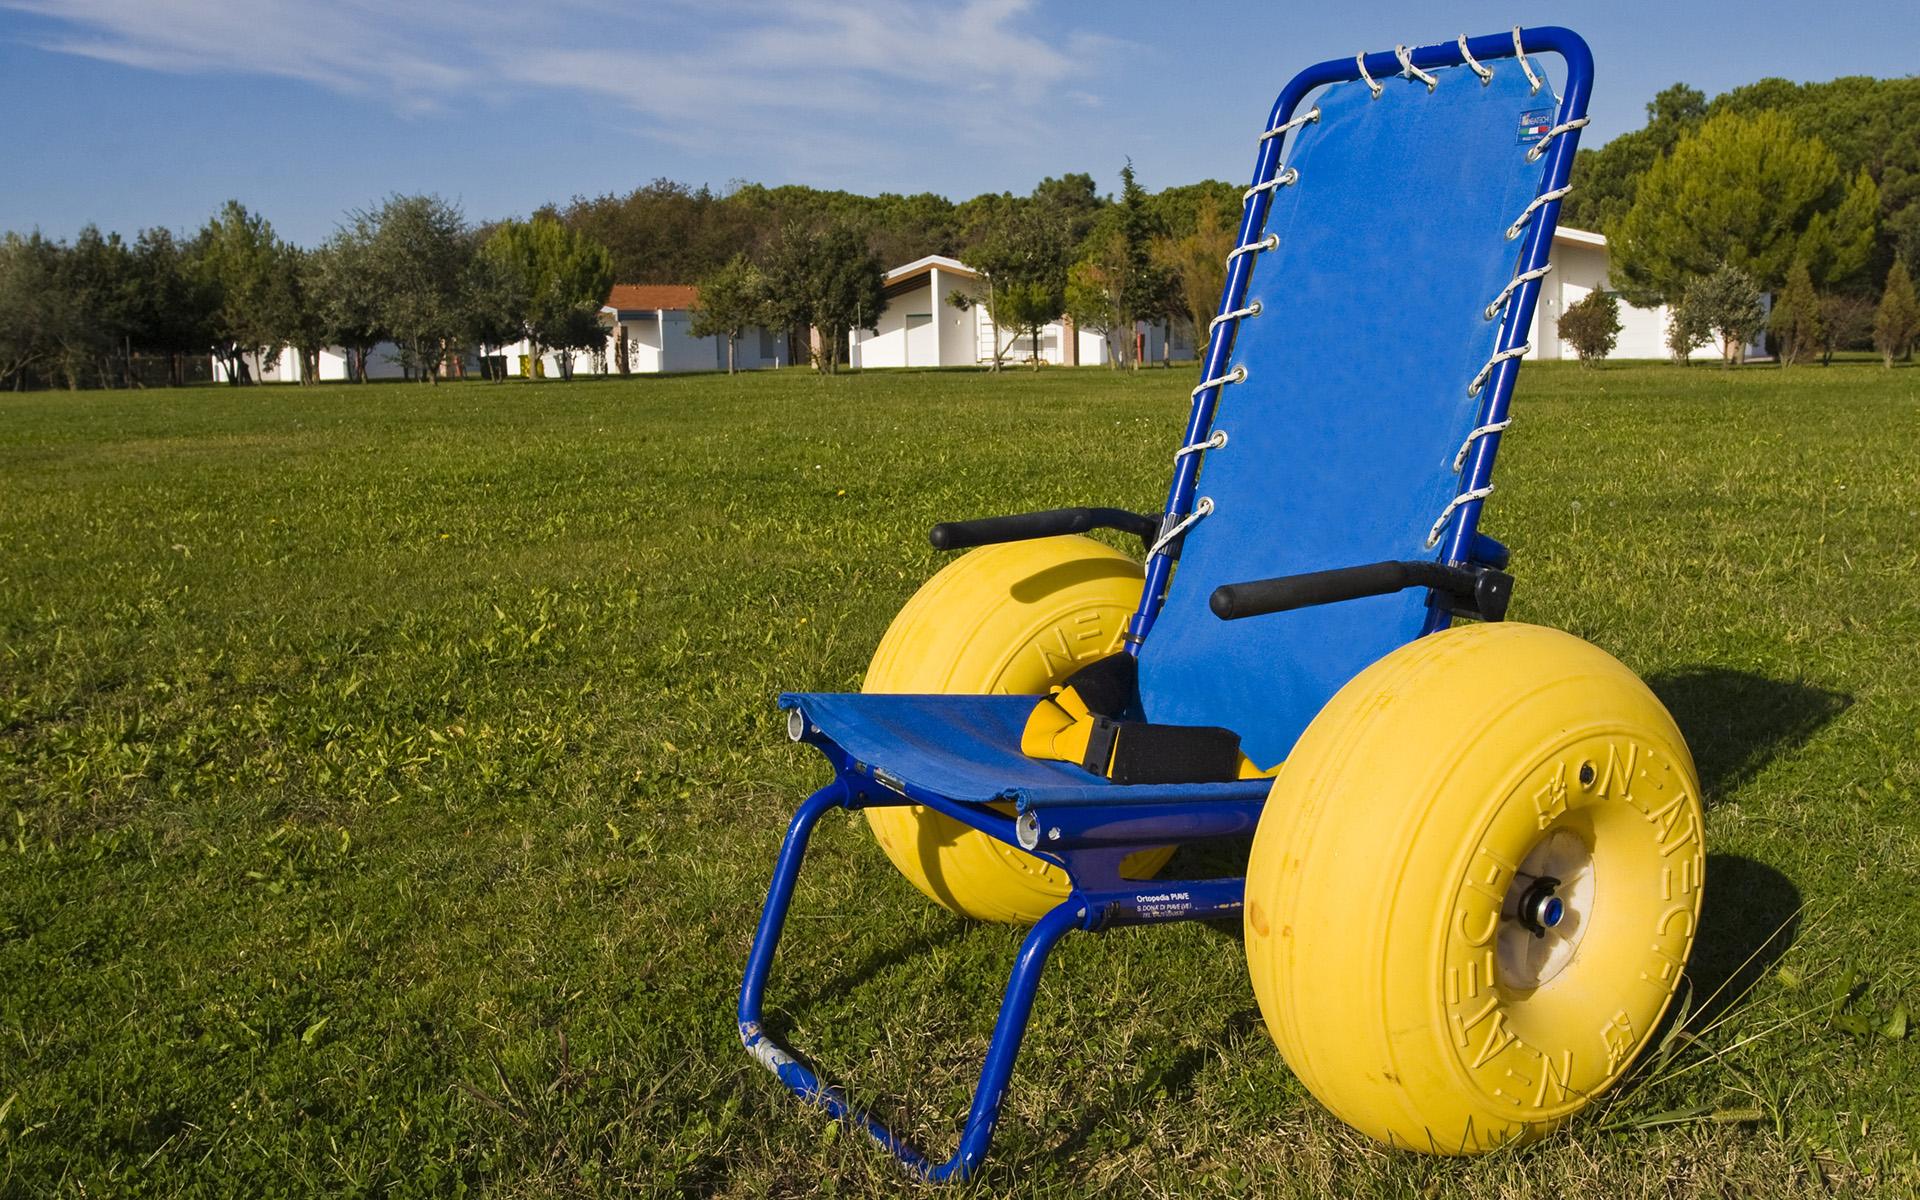 Carrozzina per trasporto disabili in spiaggia